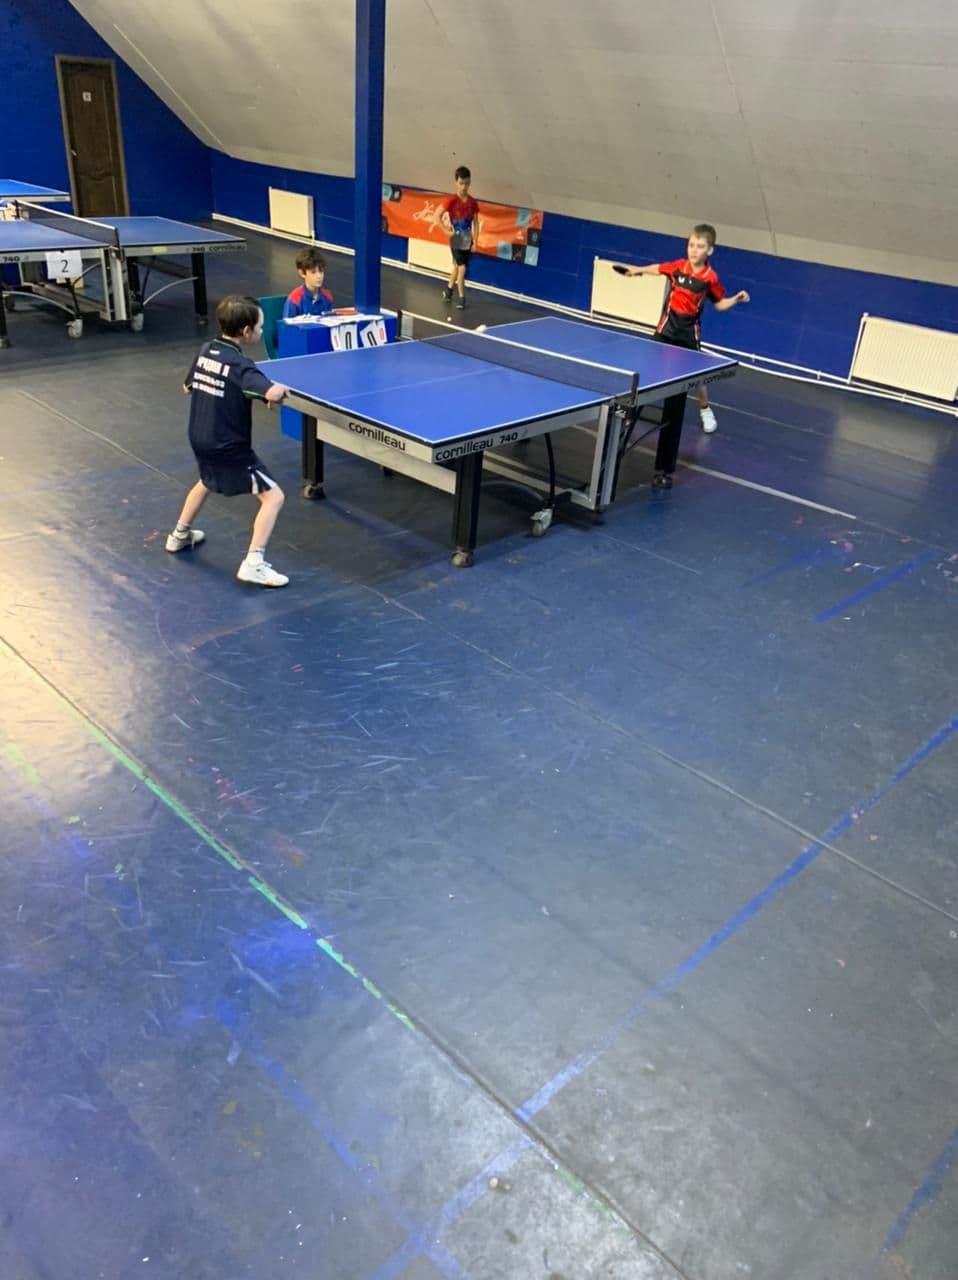 Теннисисты из Озёр выступили на Мемориальном турнире по настольному теннису памяти С.Д. Шпраха